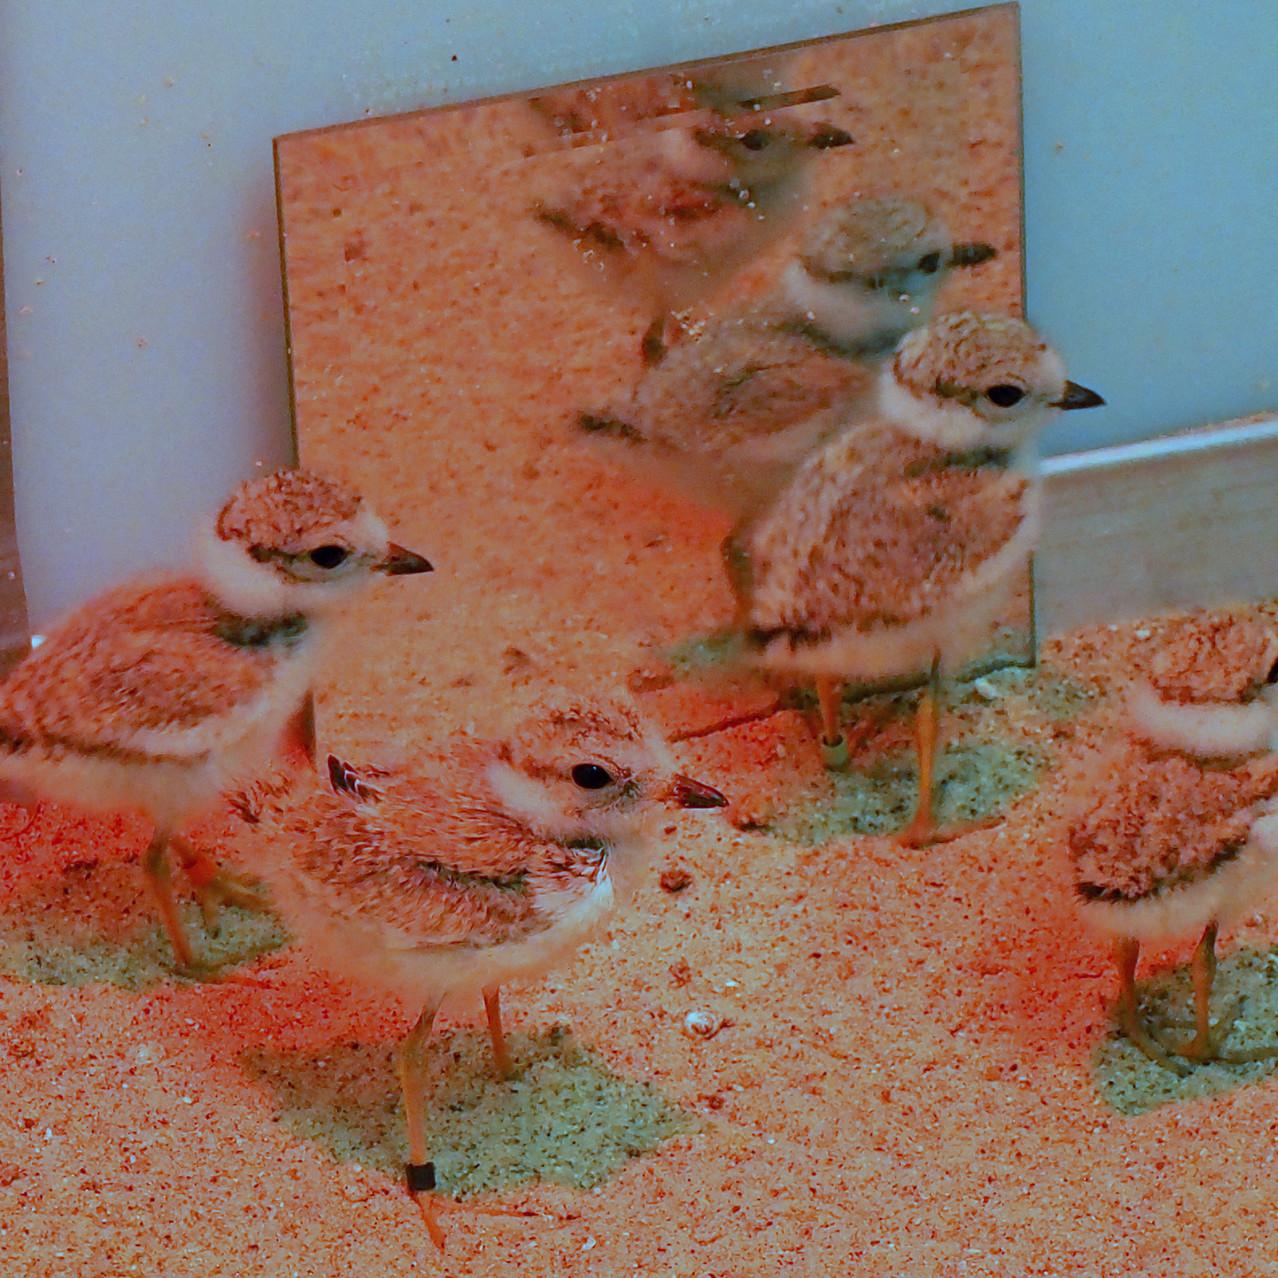 Young chicks at Captive-rearing